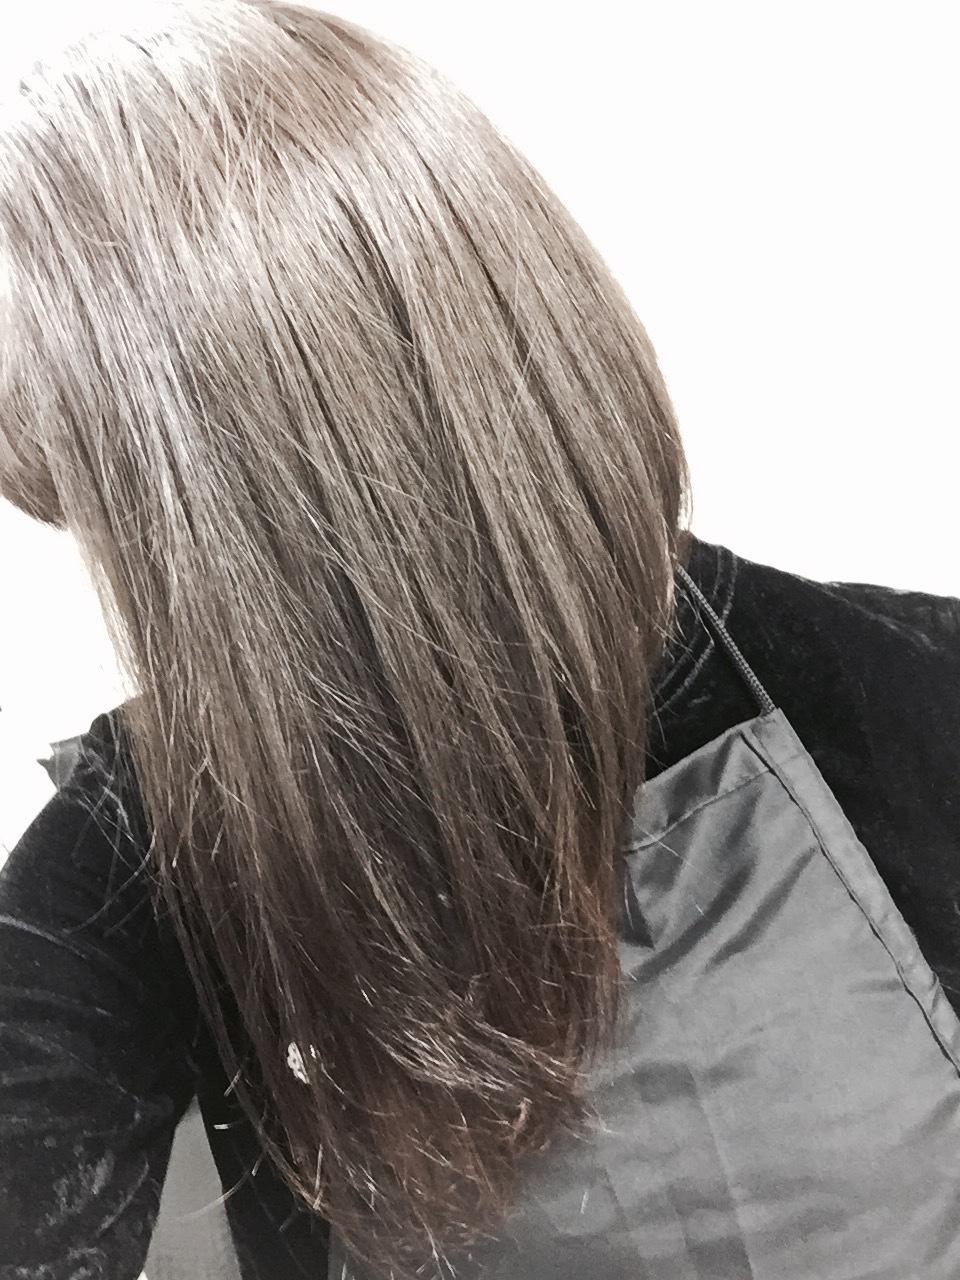 Corte maravilhoso, segura esse chanel de bico 💁🏻 cabelo